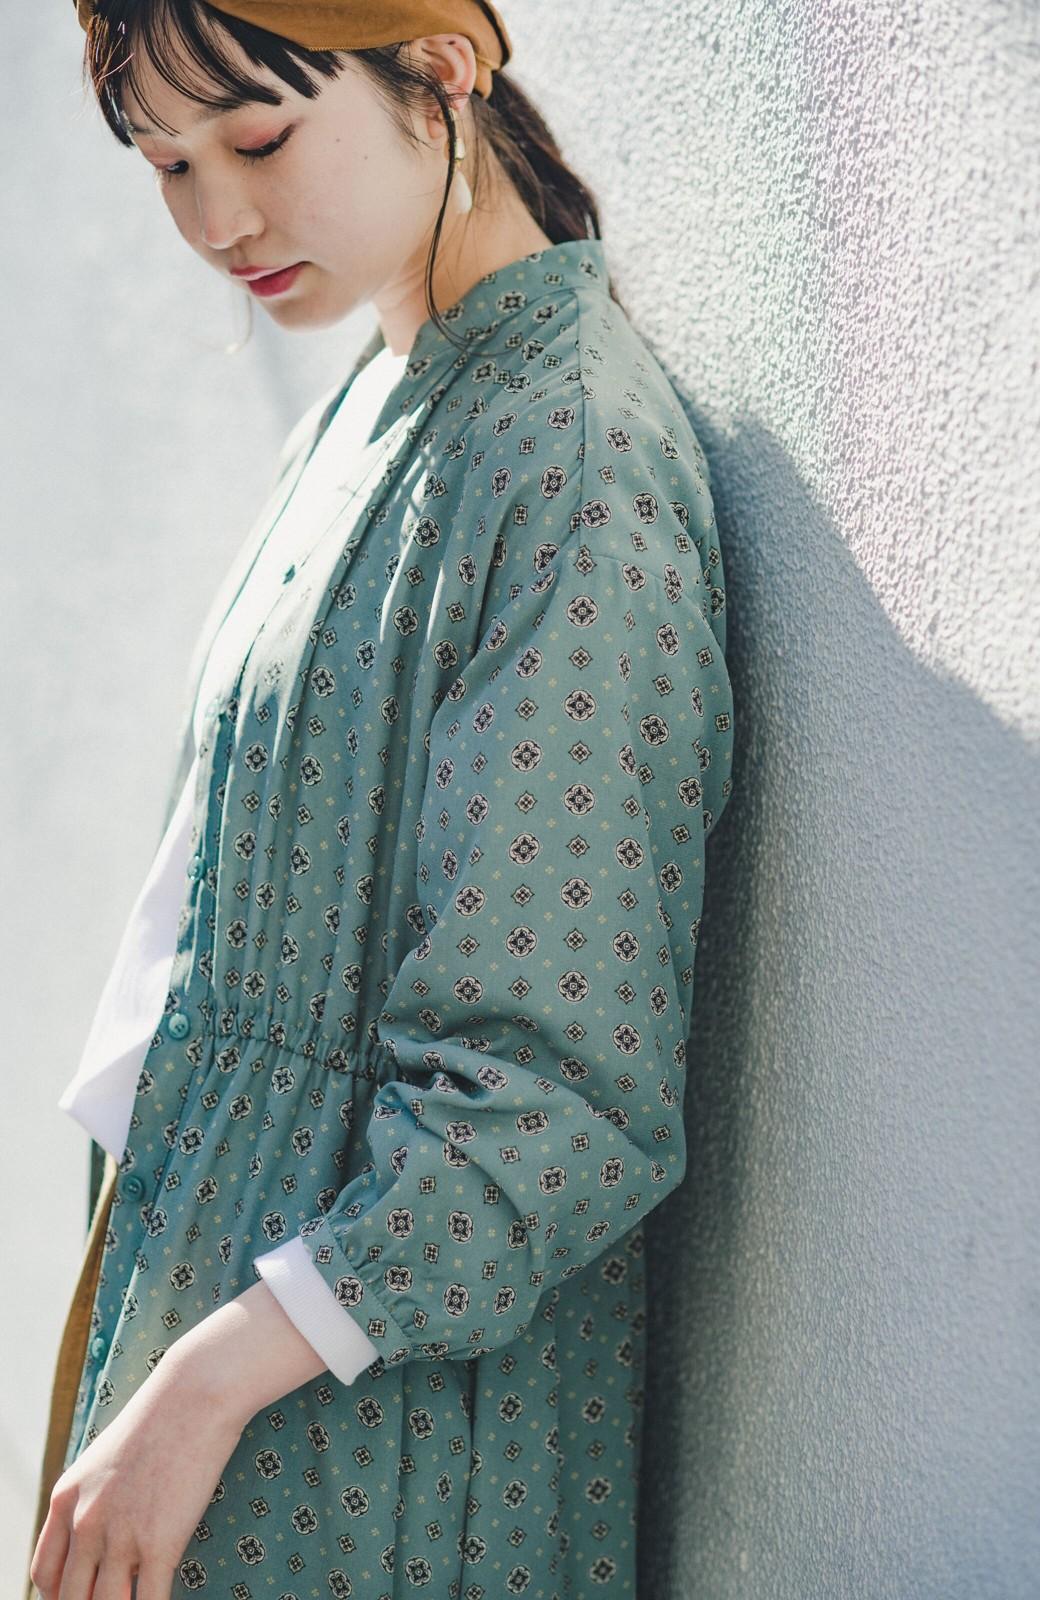 haco! コーデが華やいで気分も上がる 羽織りとしても便利な大人の雰囲気漂う小紋柄風ワンピース <ブルー>の商品写真8